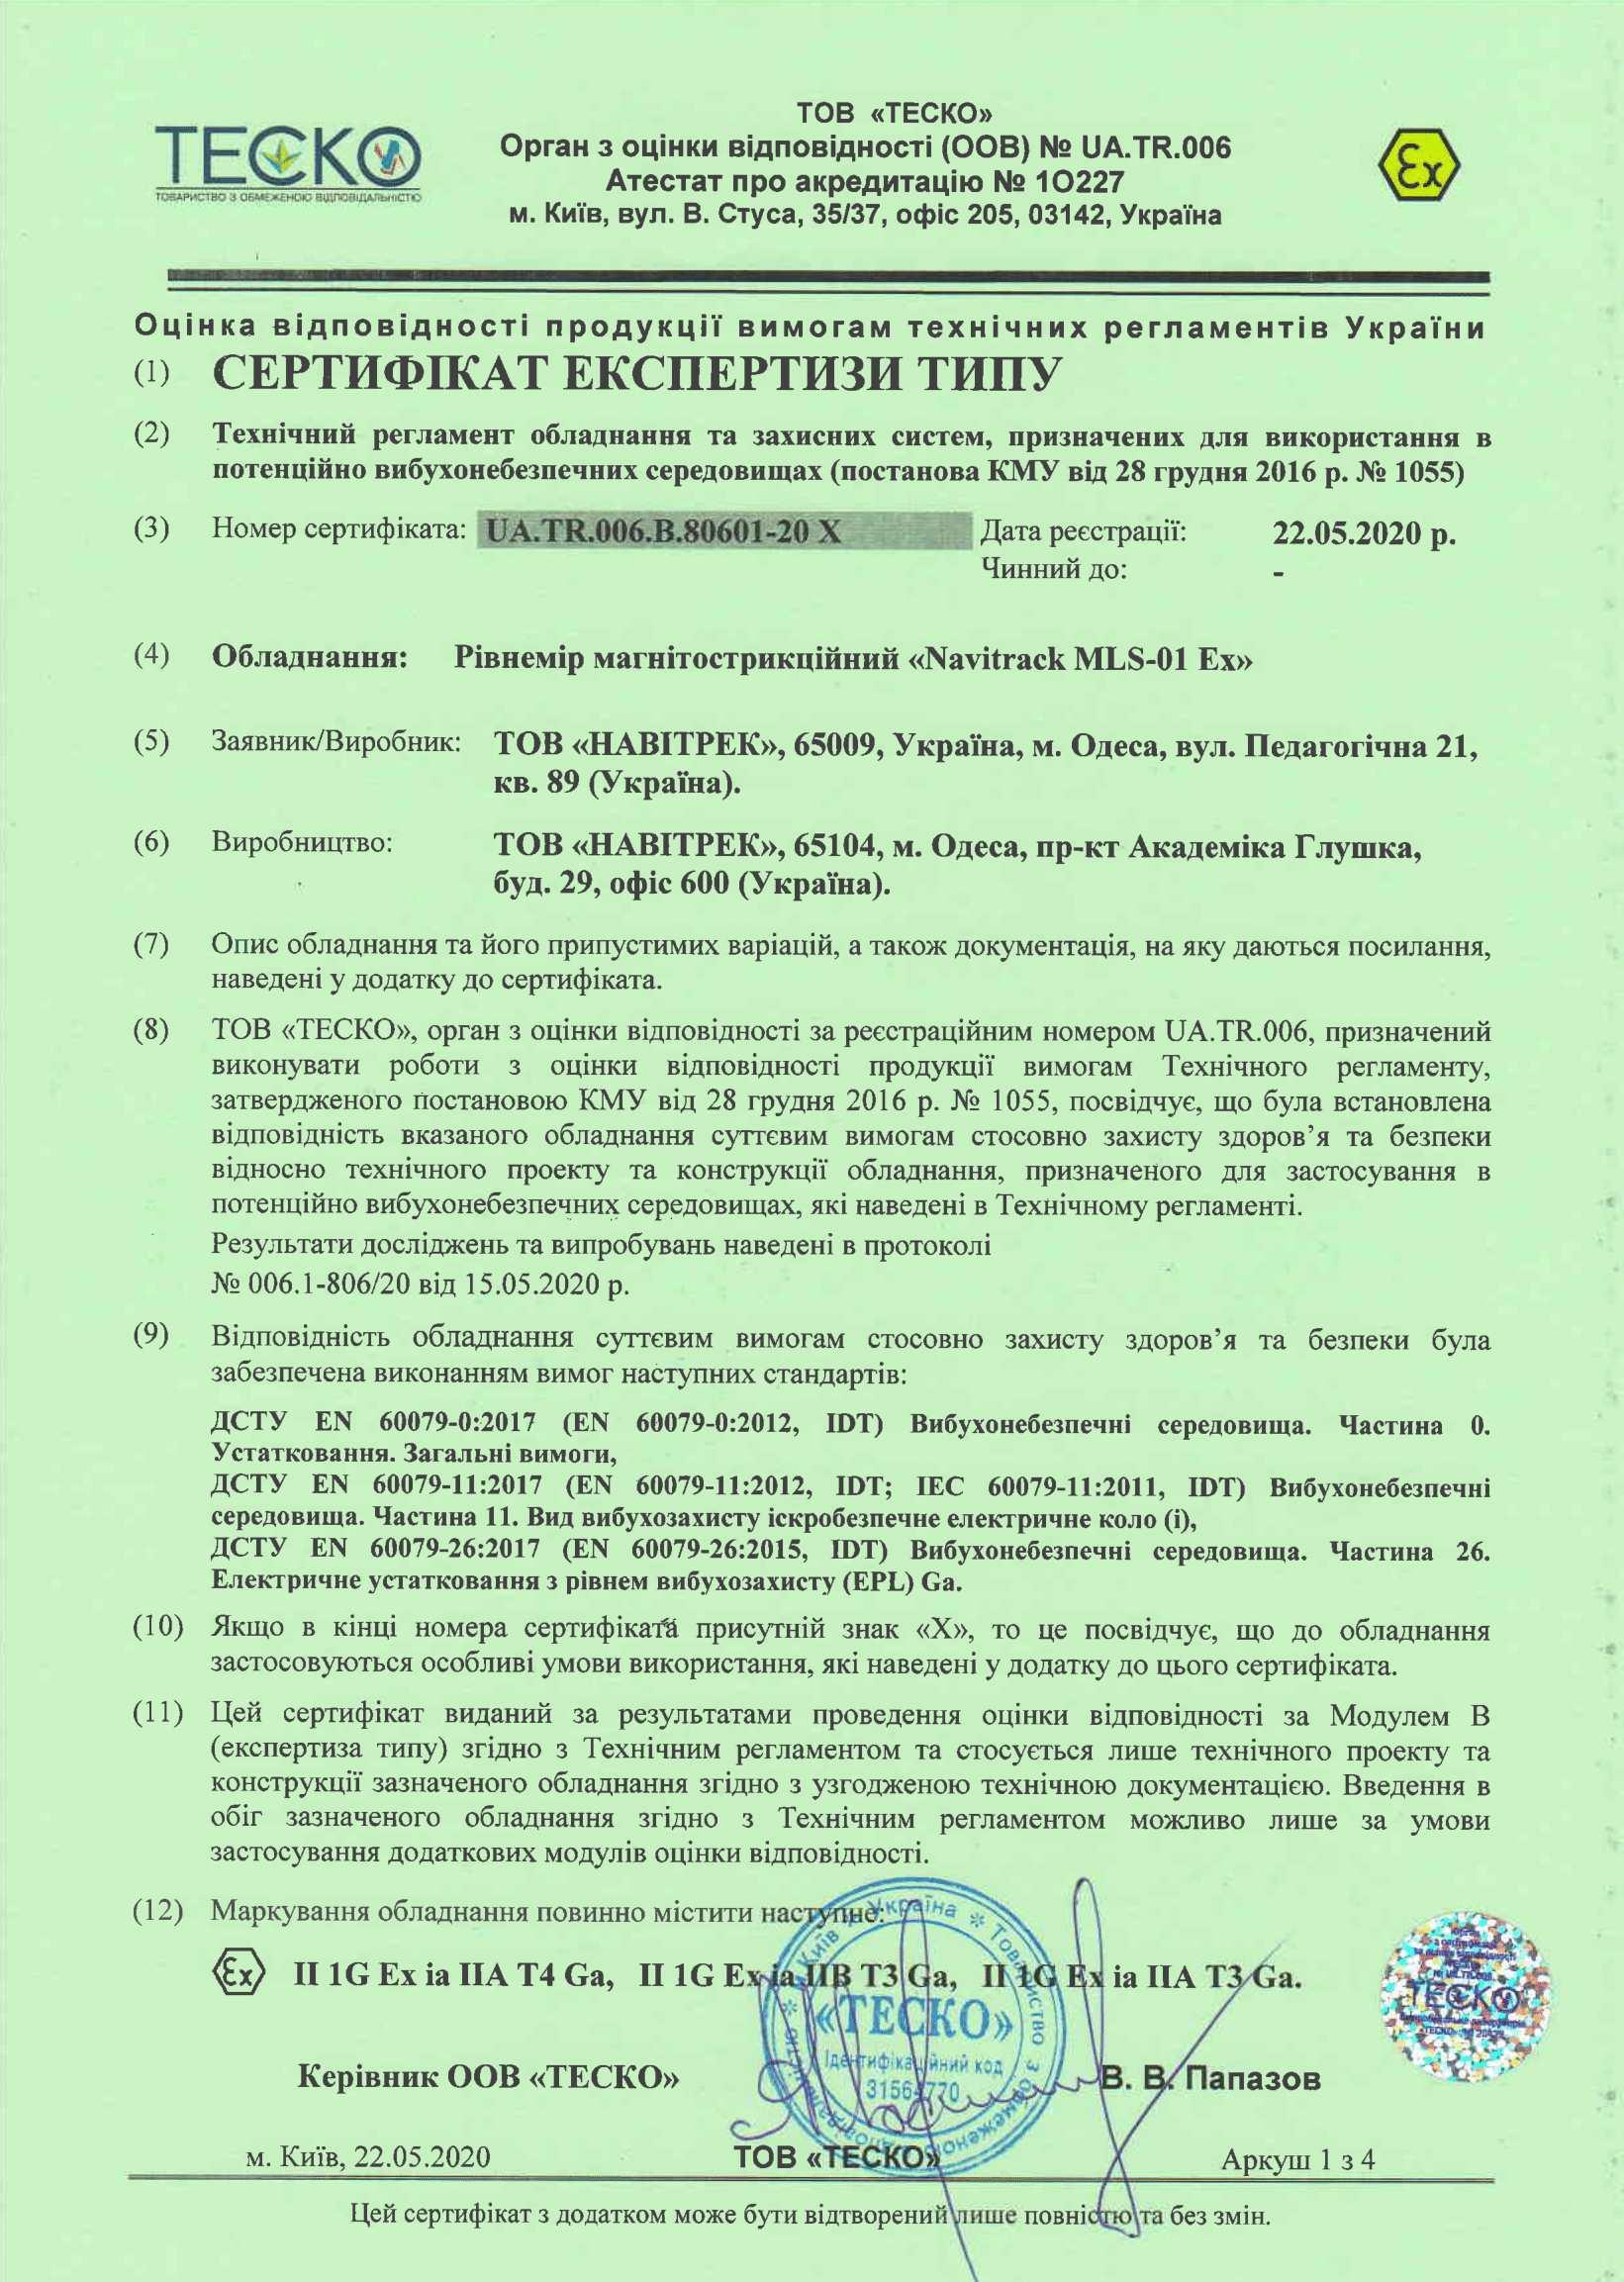 Сертификат экспертизы типа